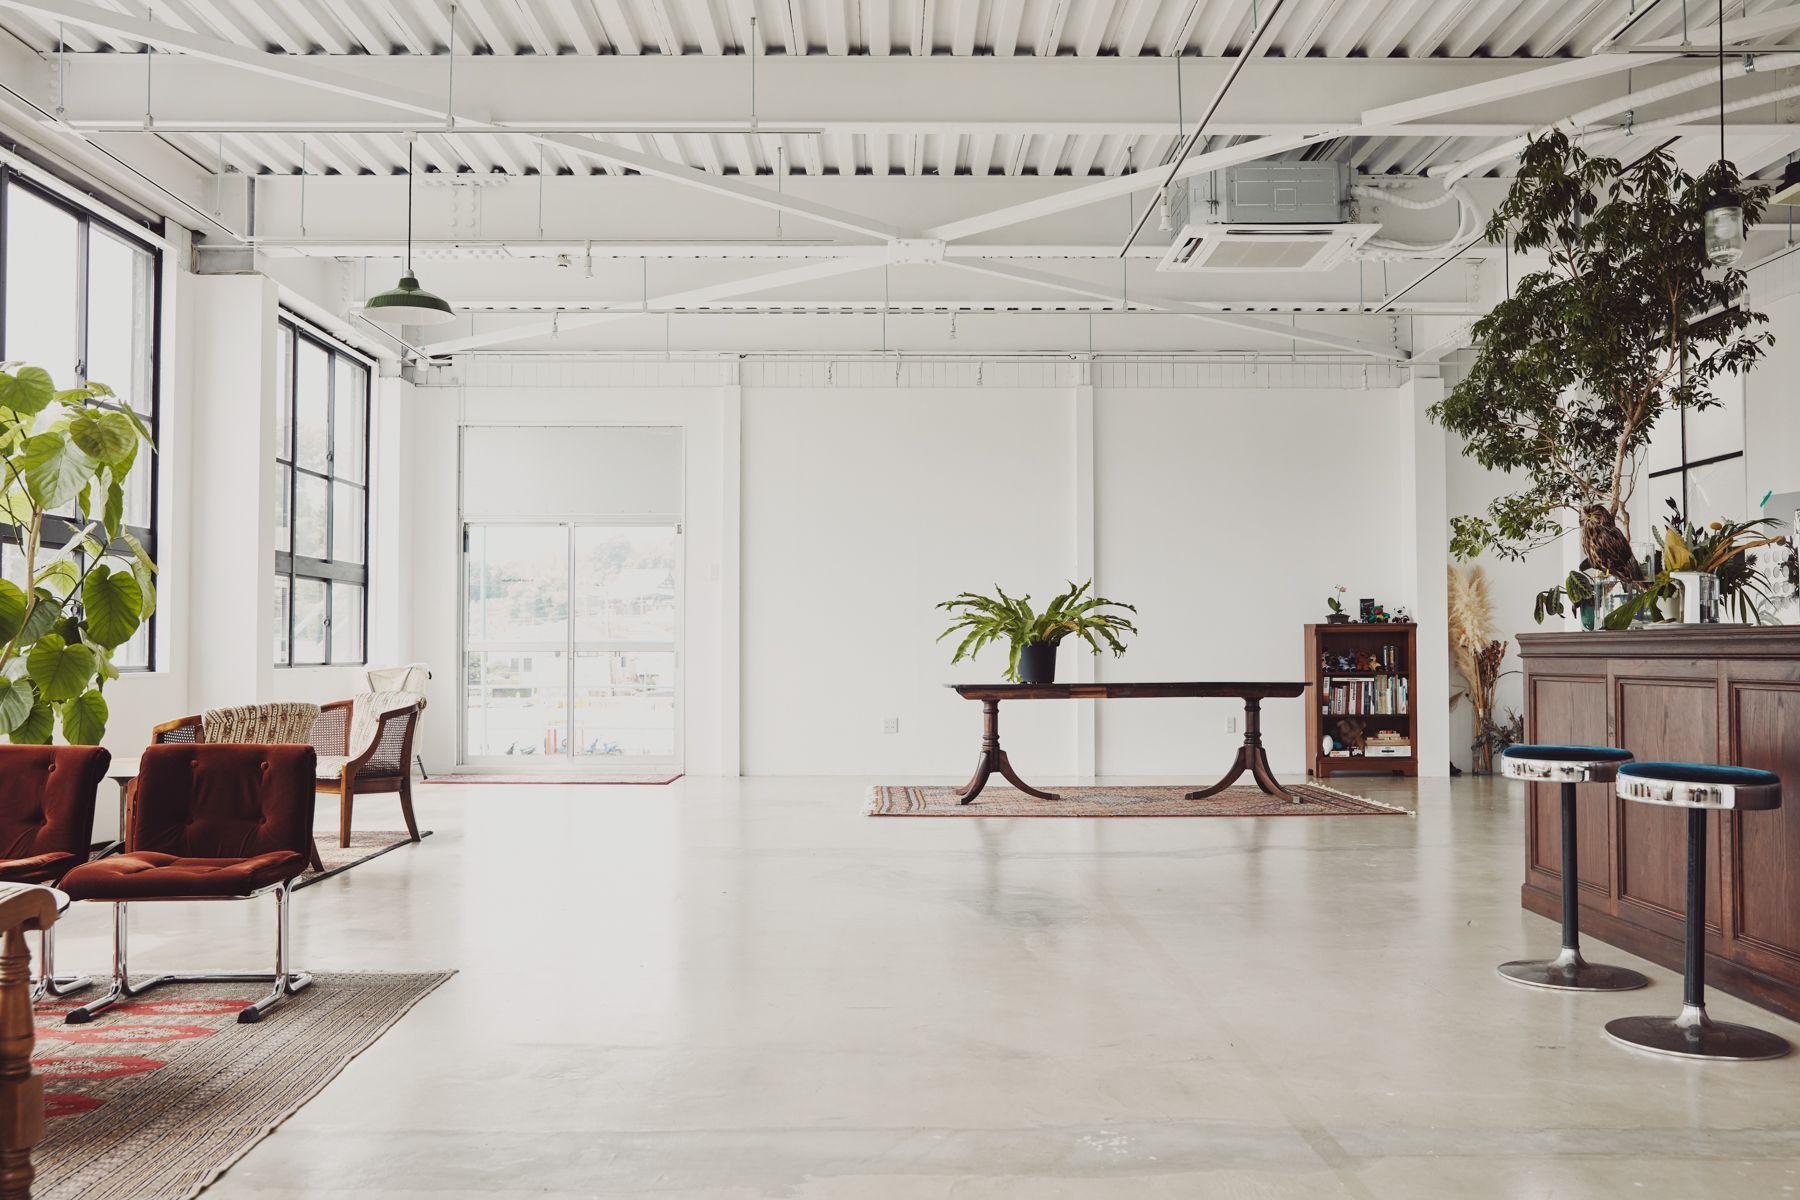 Beatnik Photo Studio2F 約14mの横幅